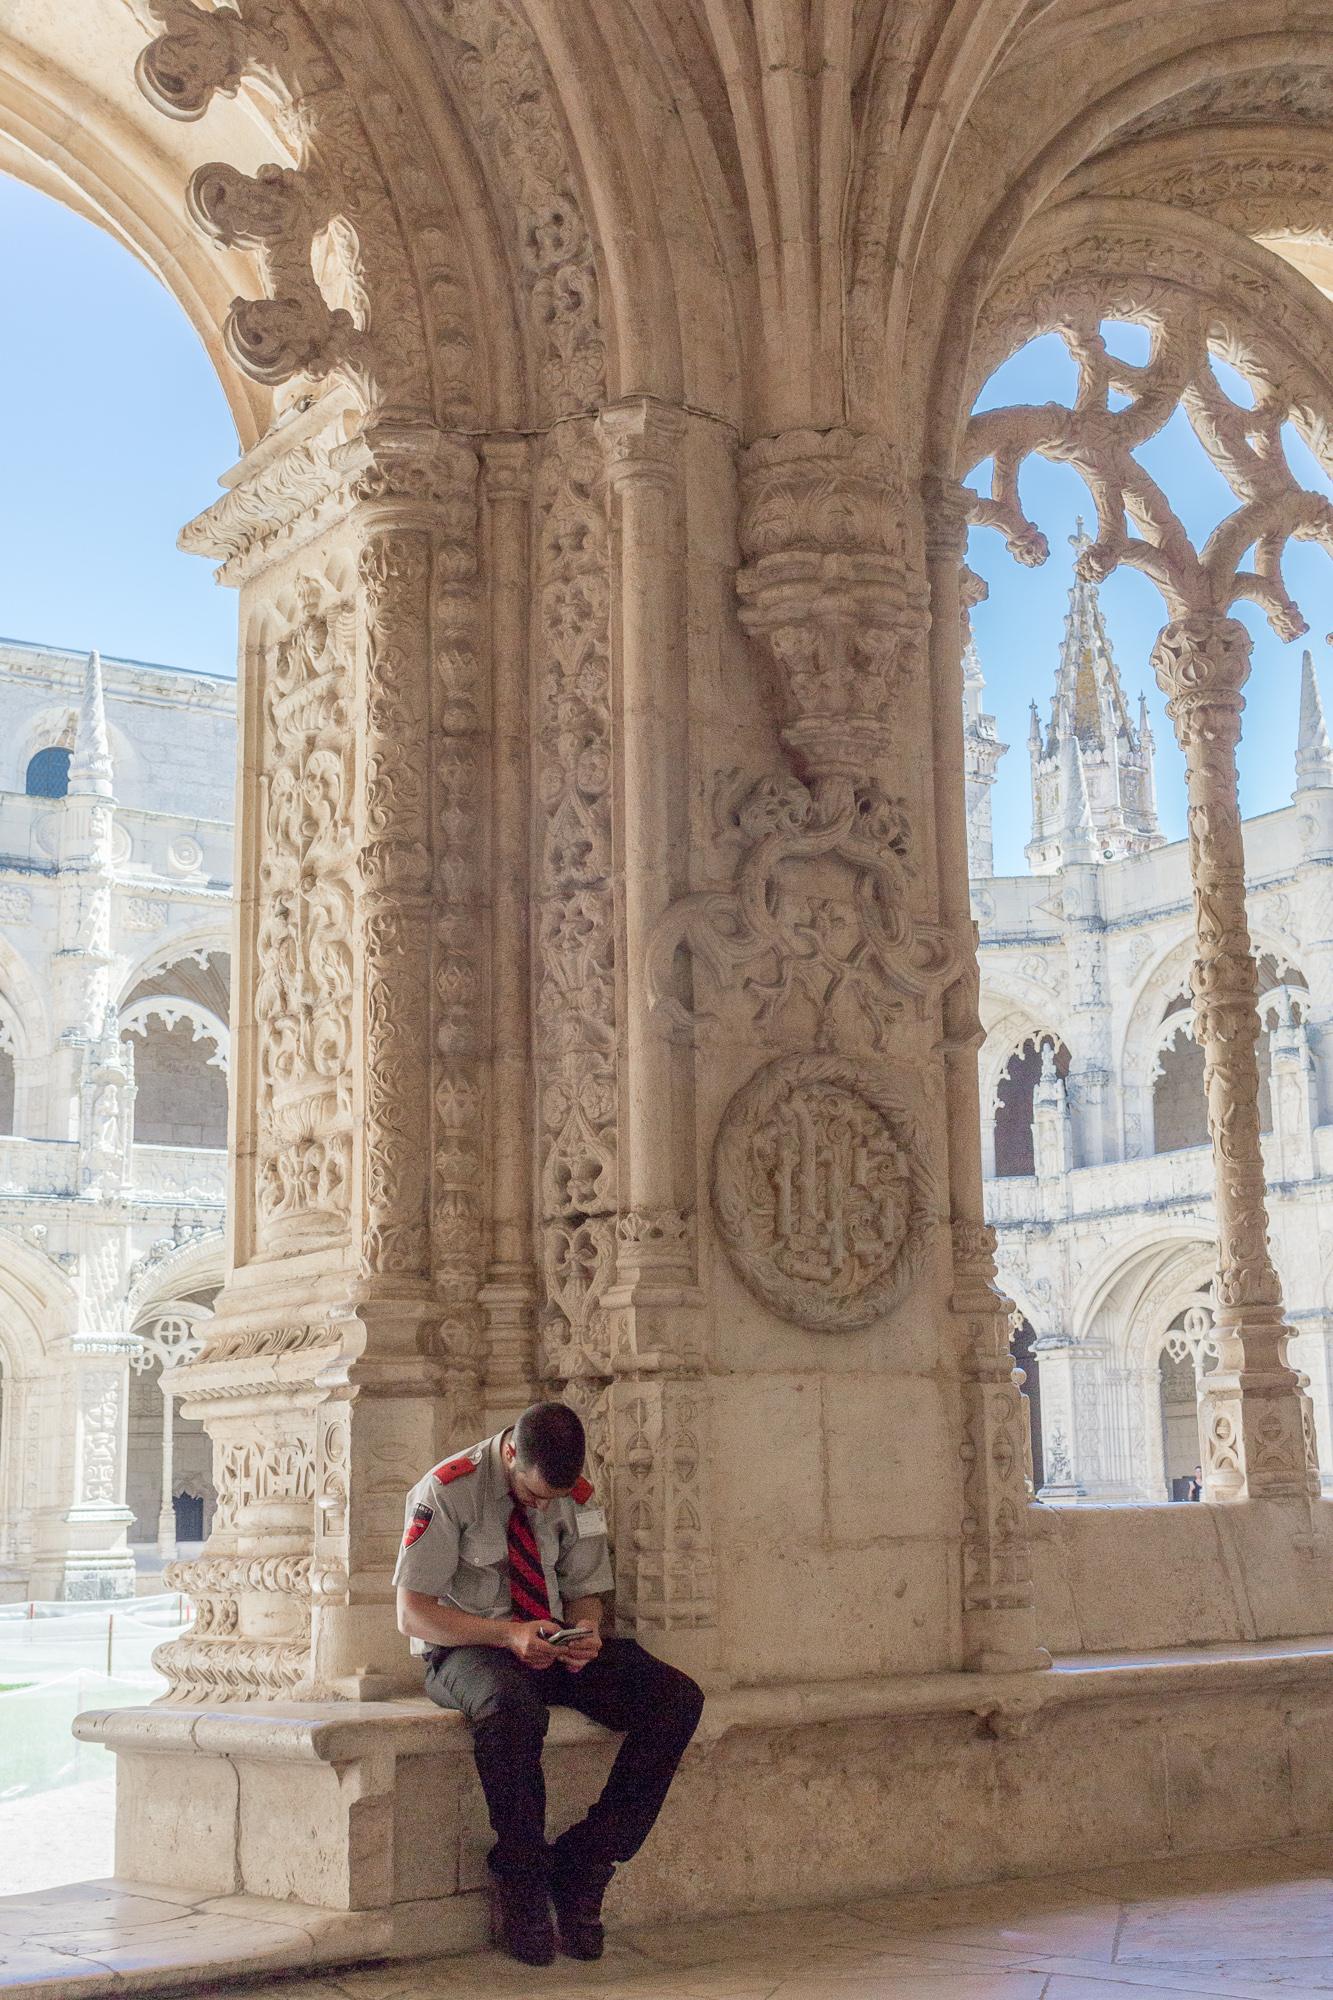 Un gardien du monastère des Hiéronymites assis à l'ombre du cloître, les yeux sur son téléphone, Belém, Lisbonne, Portugal